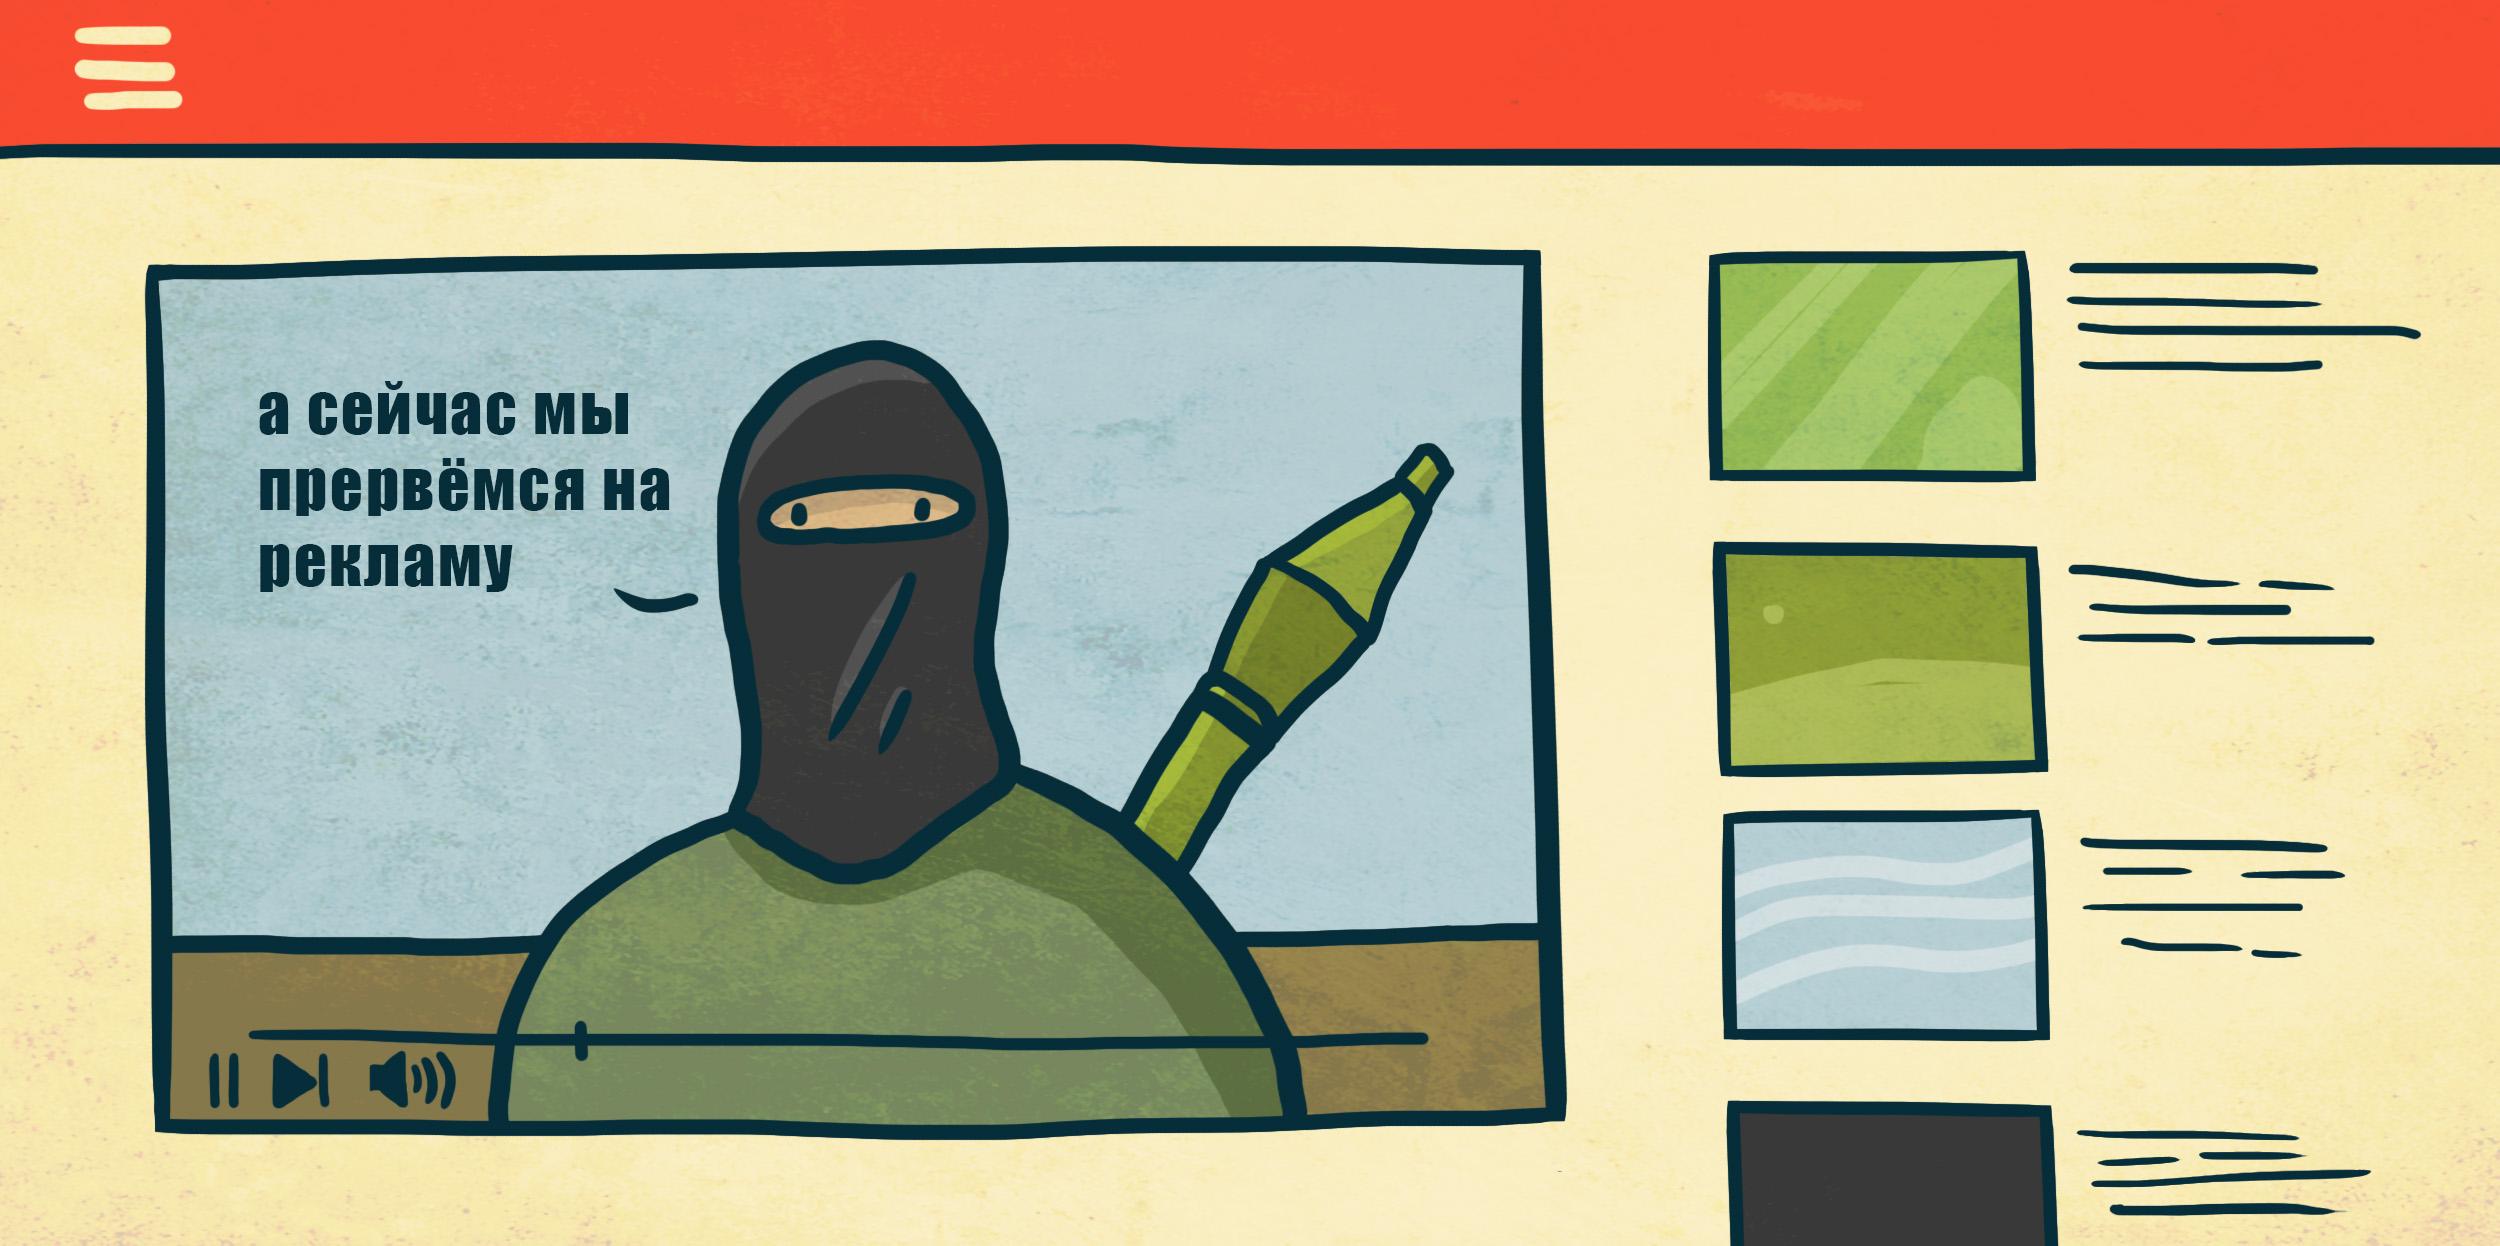 Более 250 крупных брендов ополчились на Google за размещение их рекламы в экстремистских видео